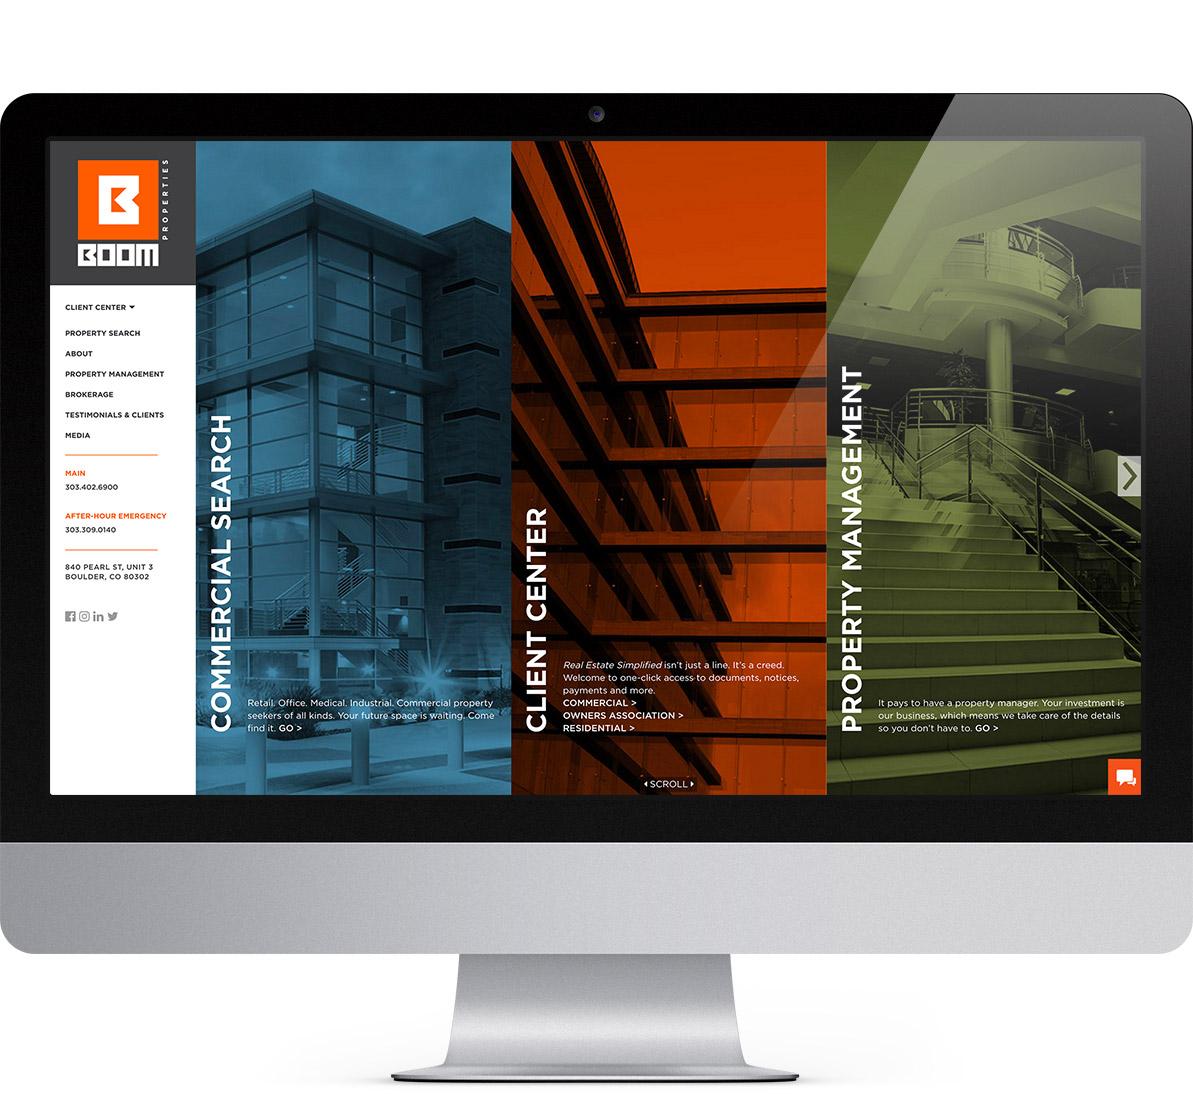 boom real estate website design